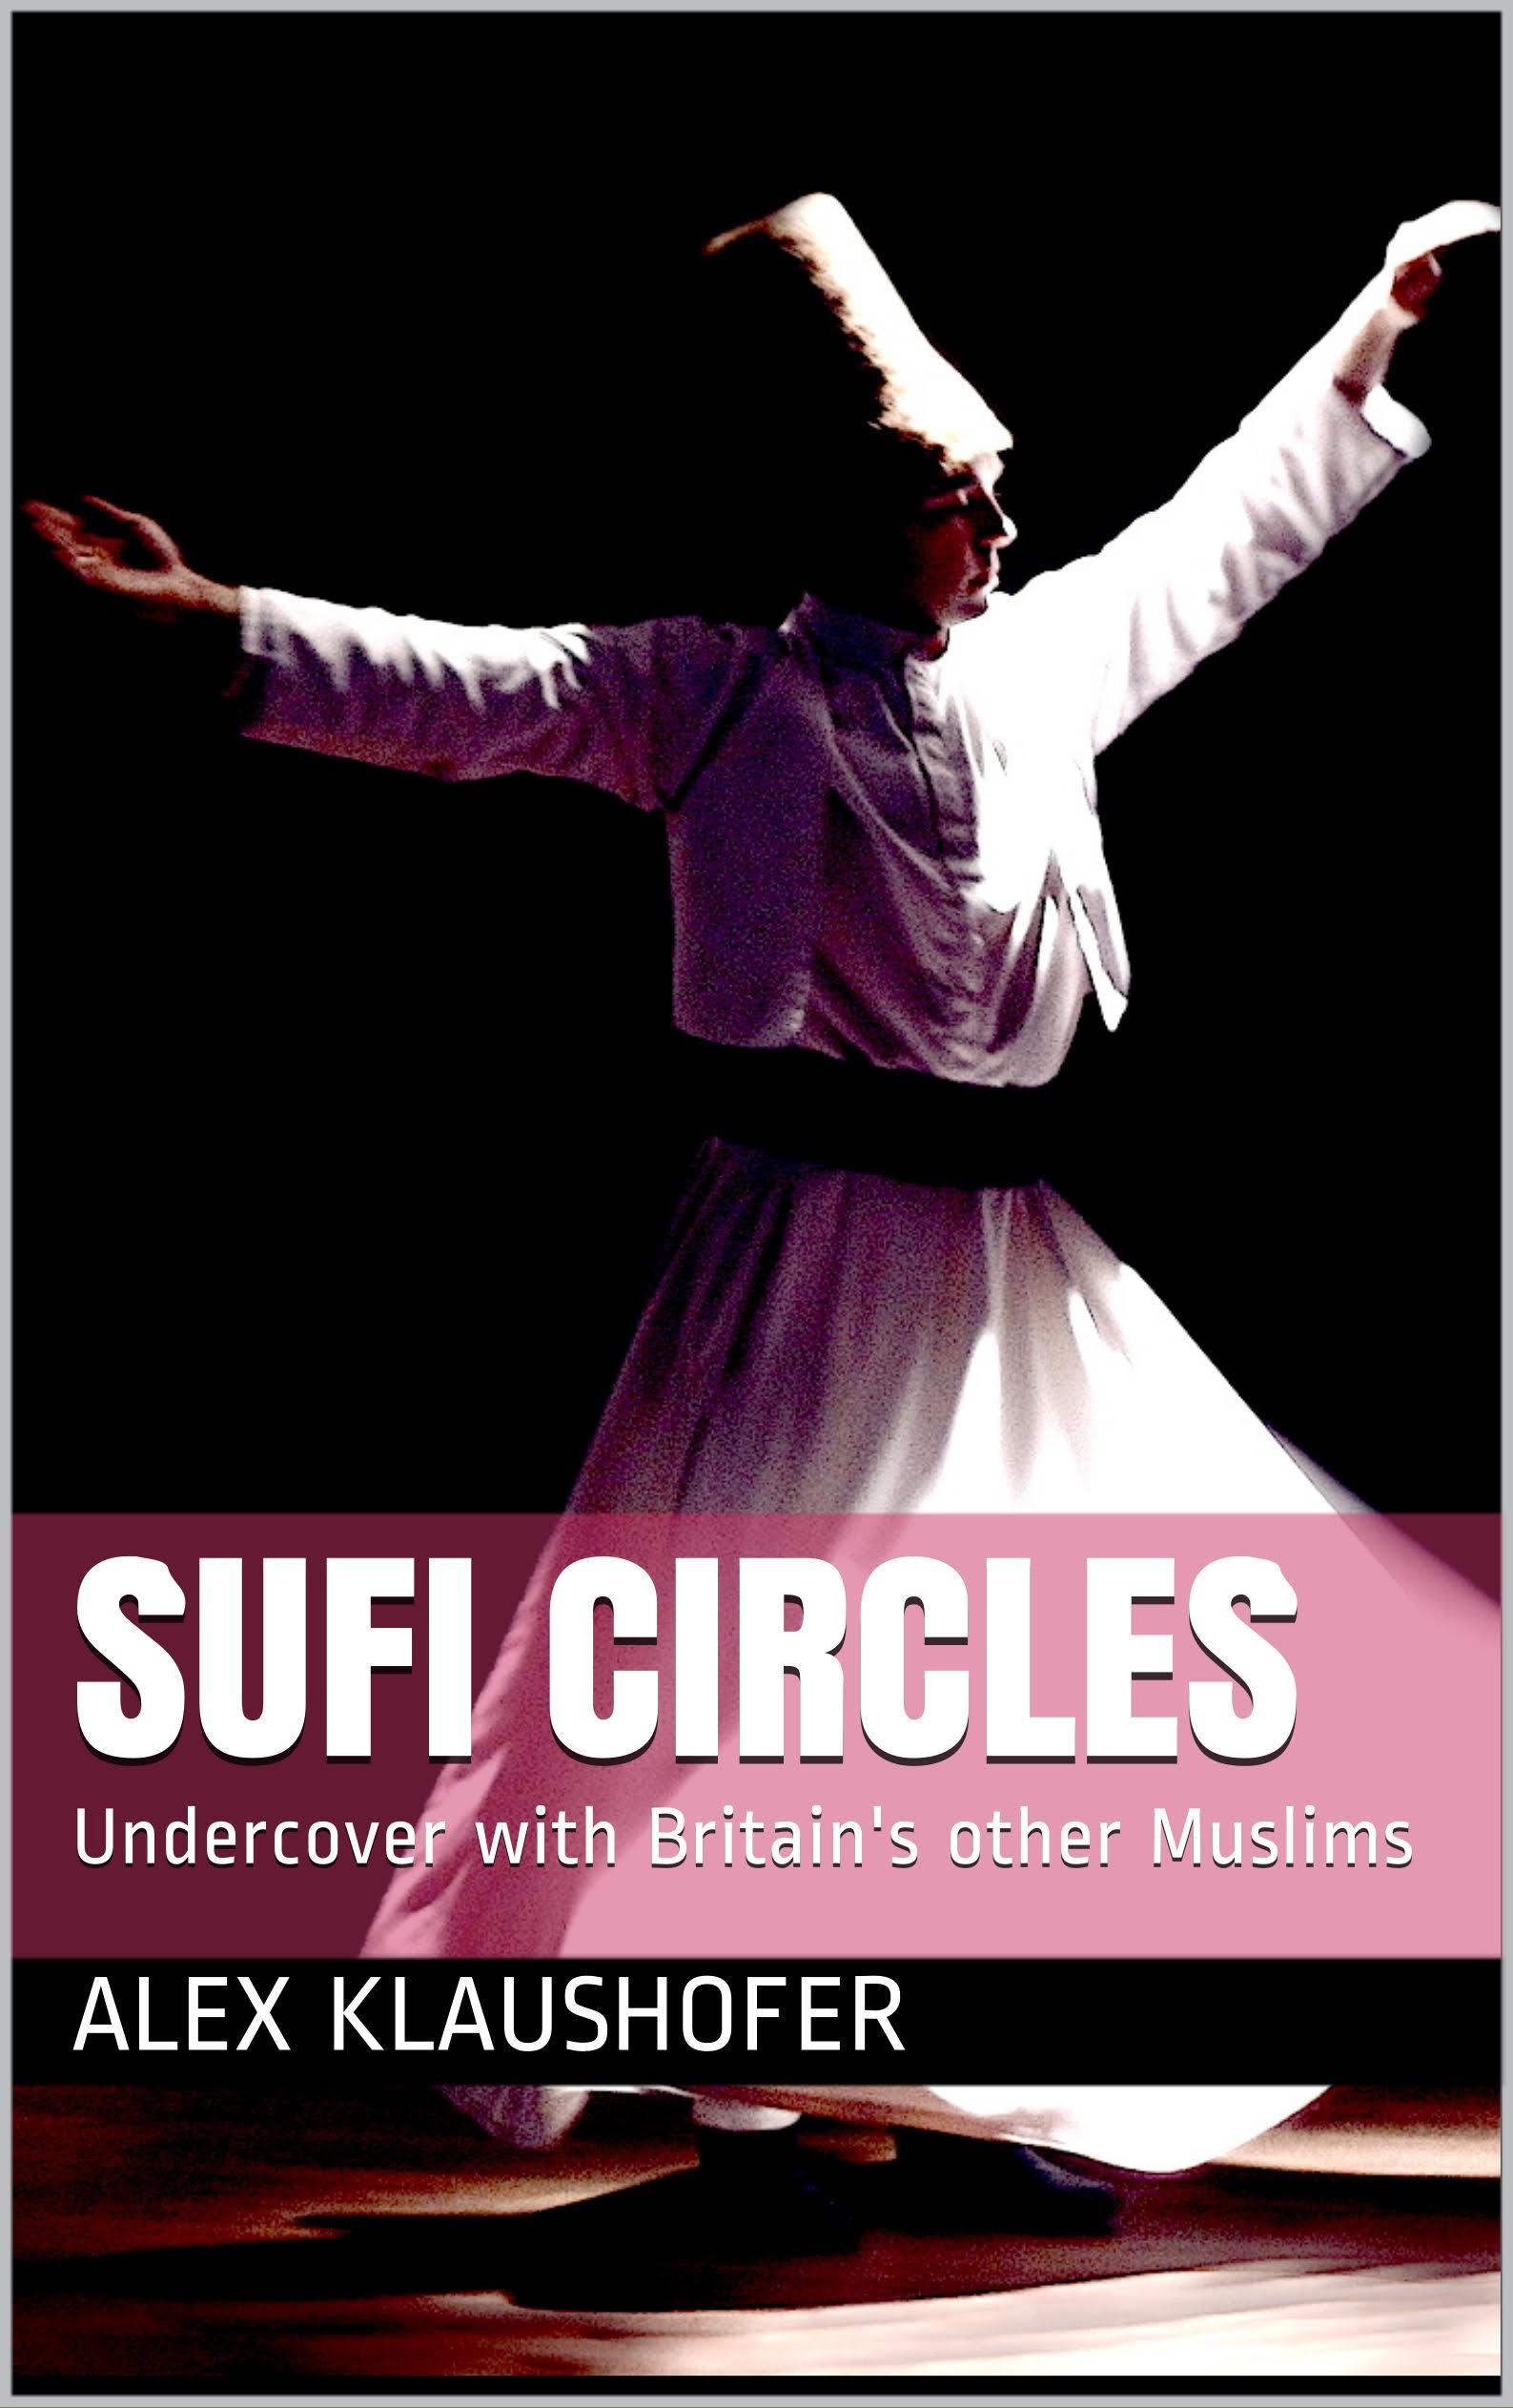 Photo of Sufi Circles book - dancer